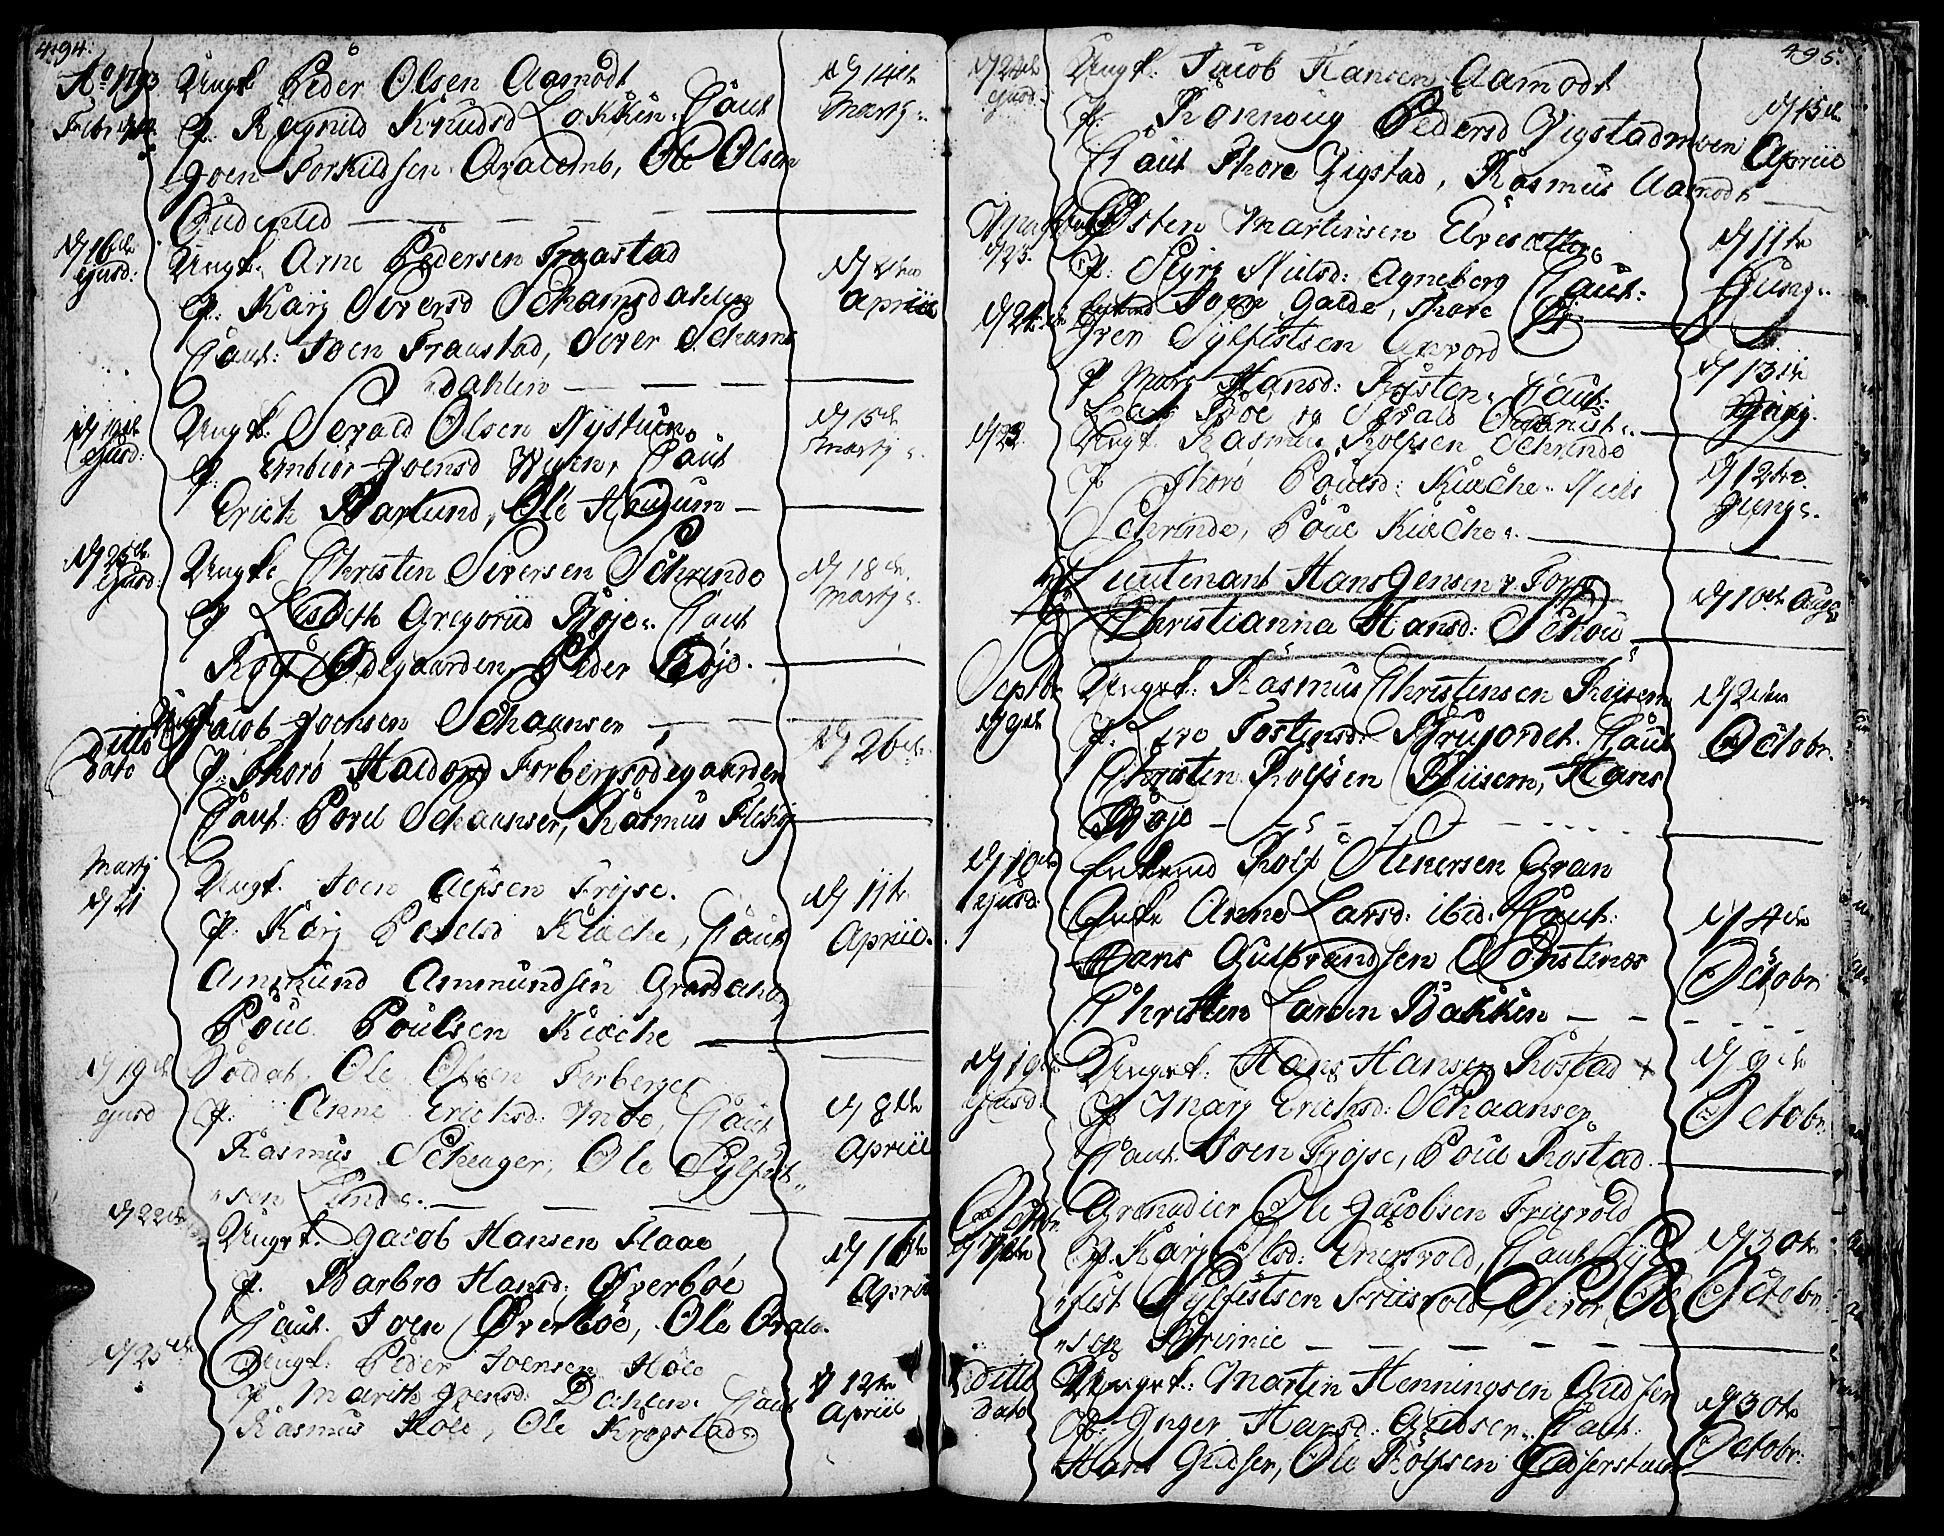 SAH, Lom prestekontor, K/L0002: Ministerialbok nr. 2, 1749-1801, s. 494-495